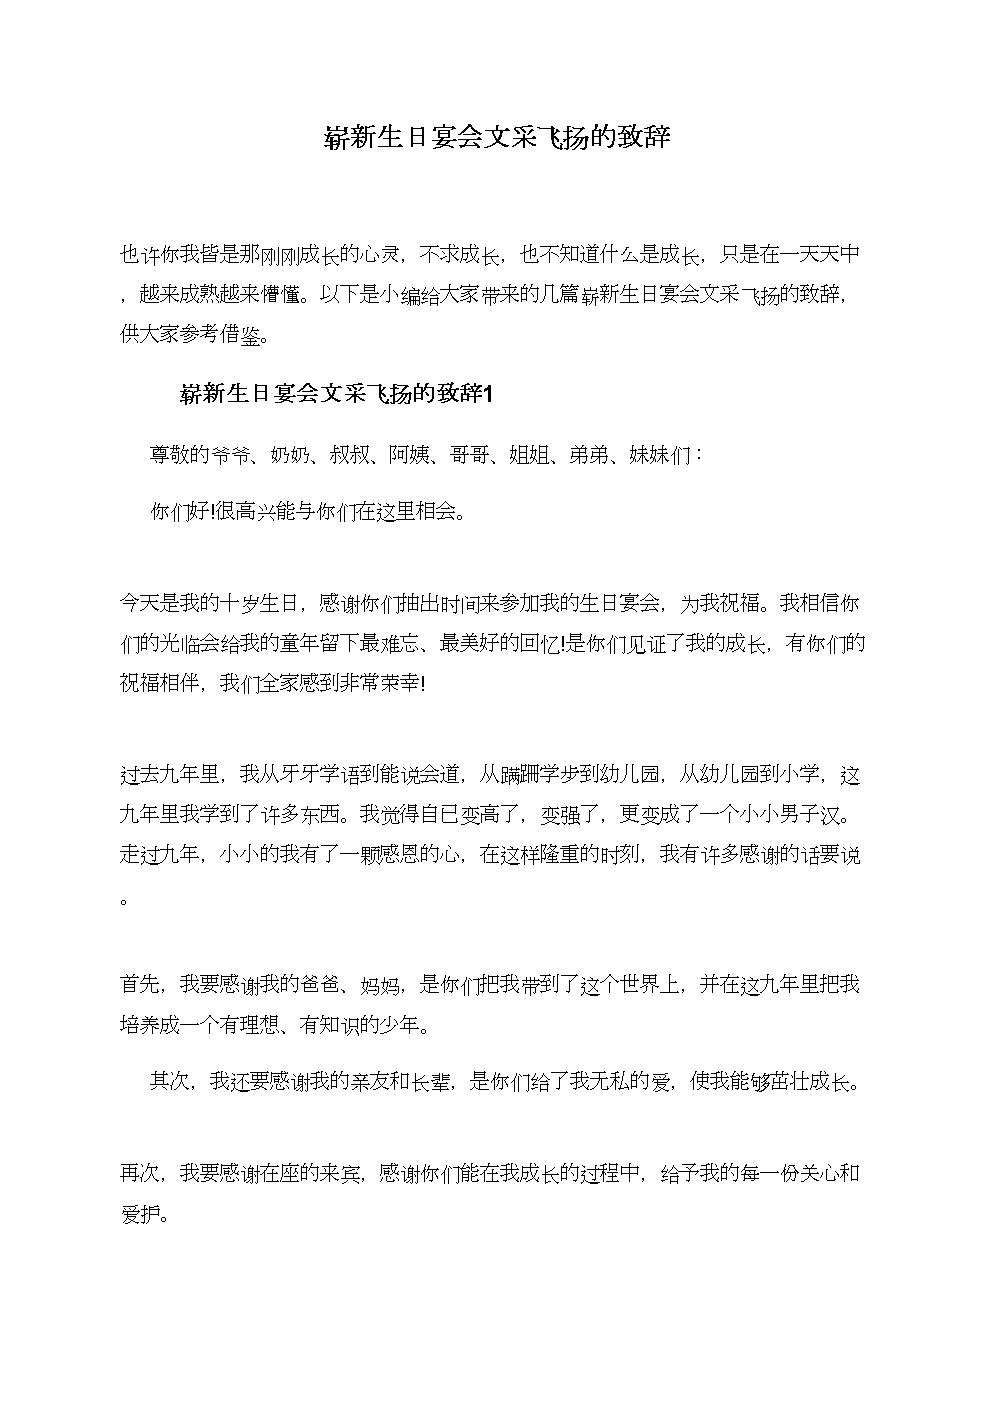 崭新生日宴会文采飞扬的致辞.doc